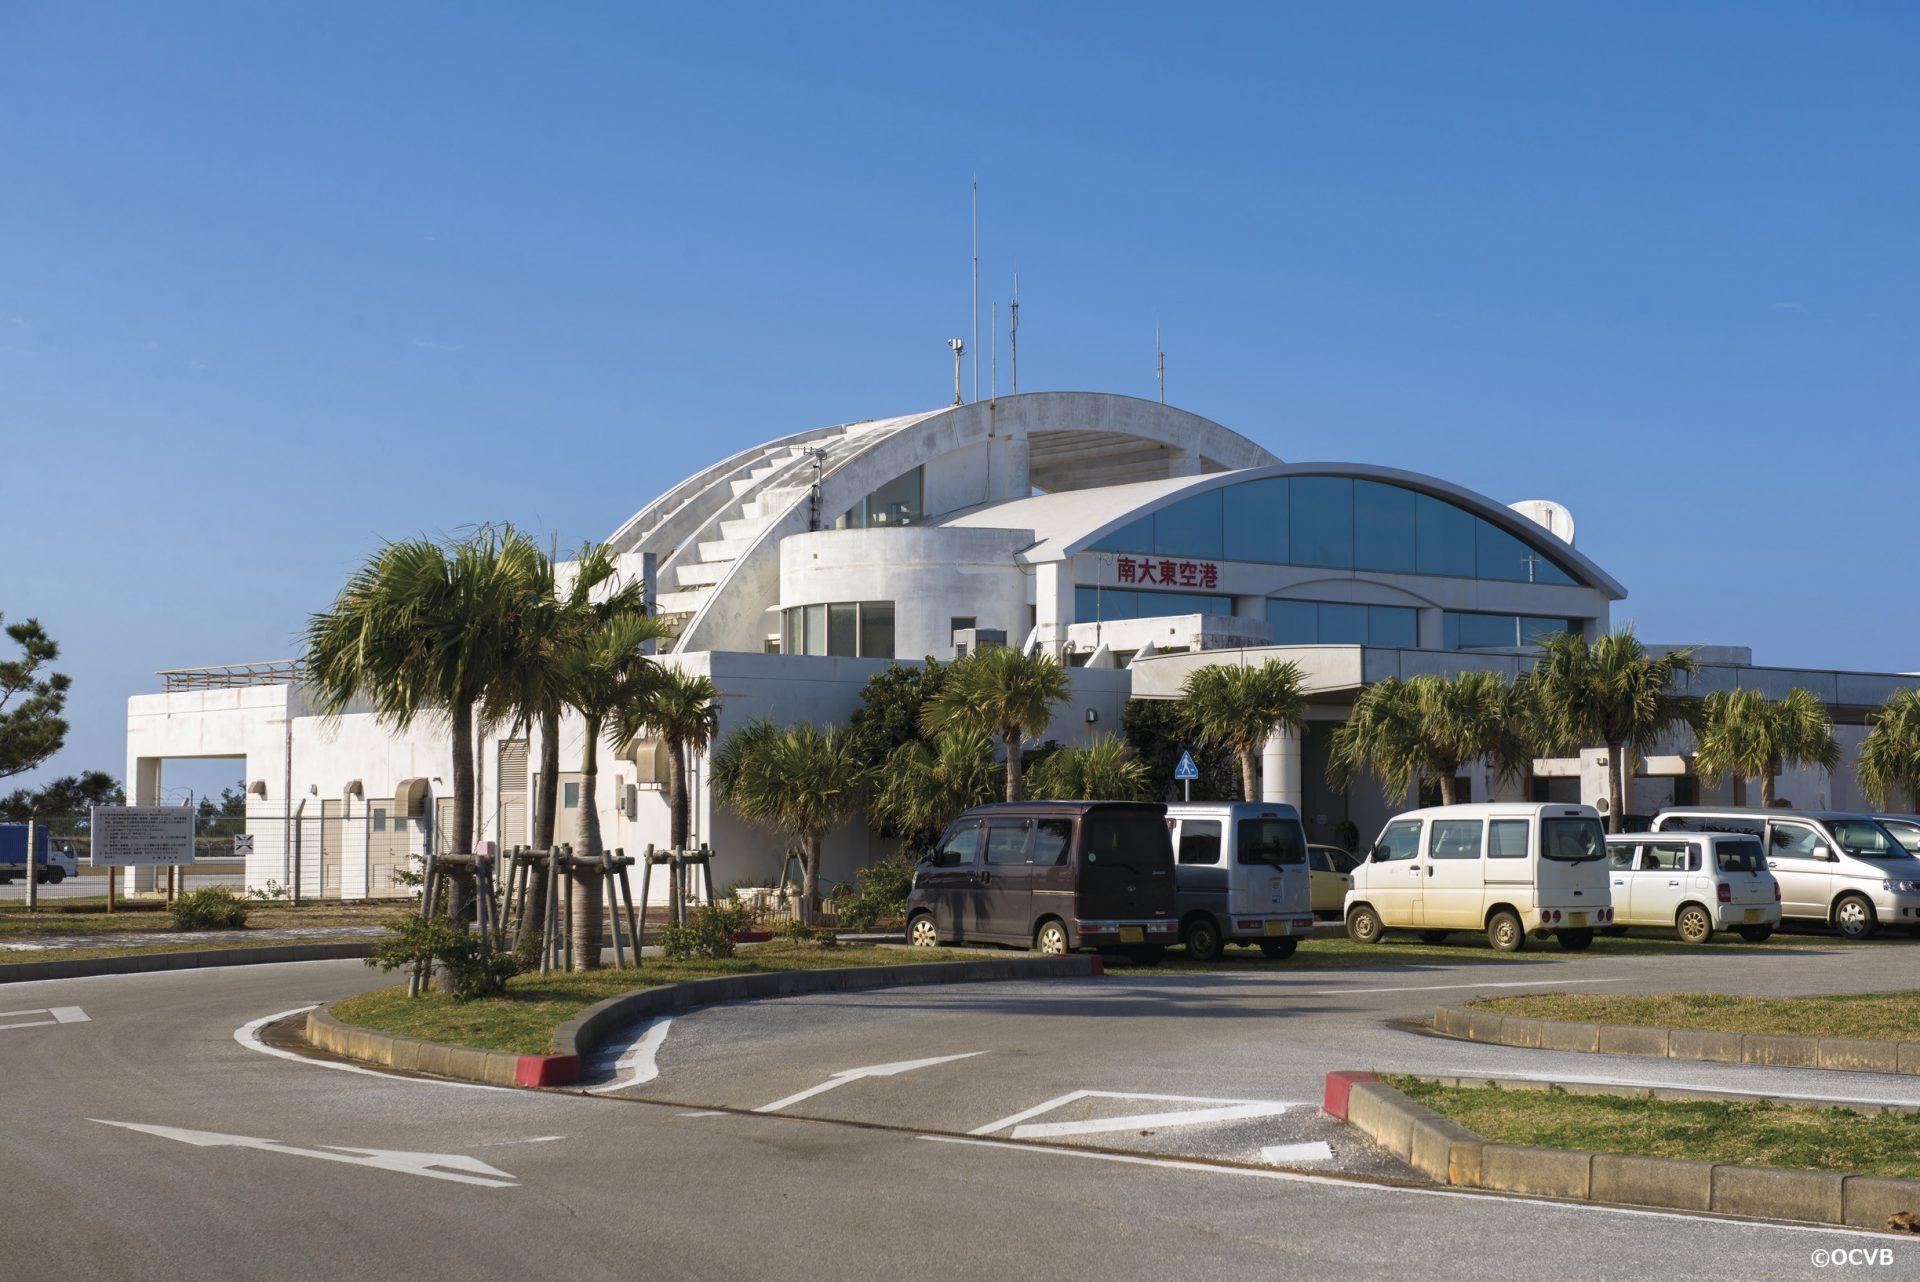 空港 飛行機 南大東島 観光 旅行 沖縄 離島